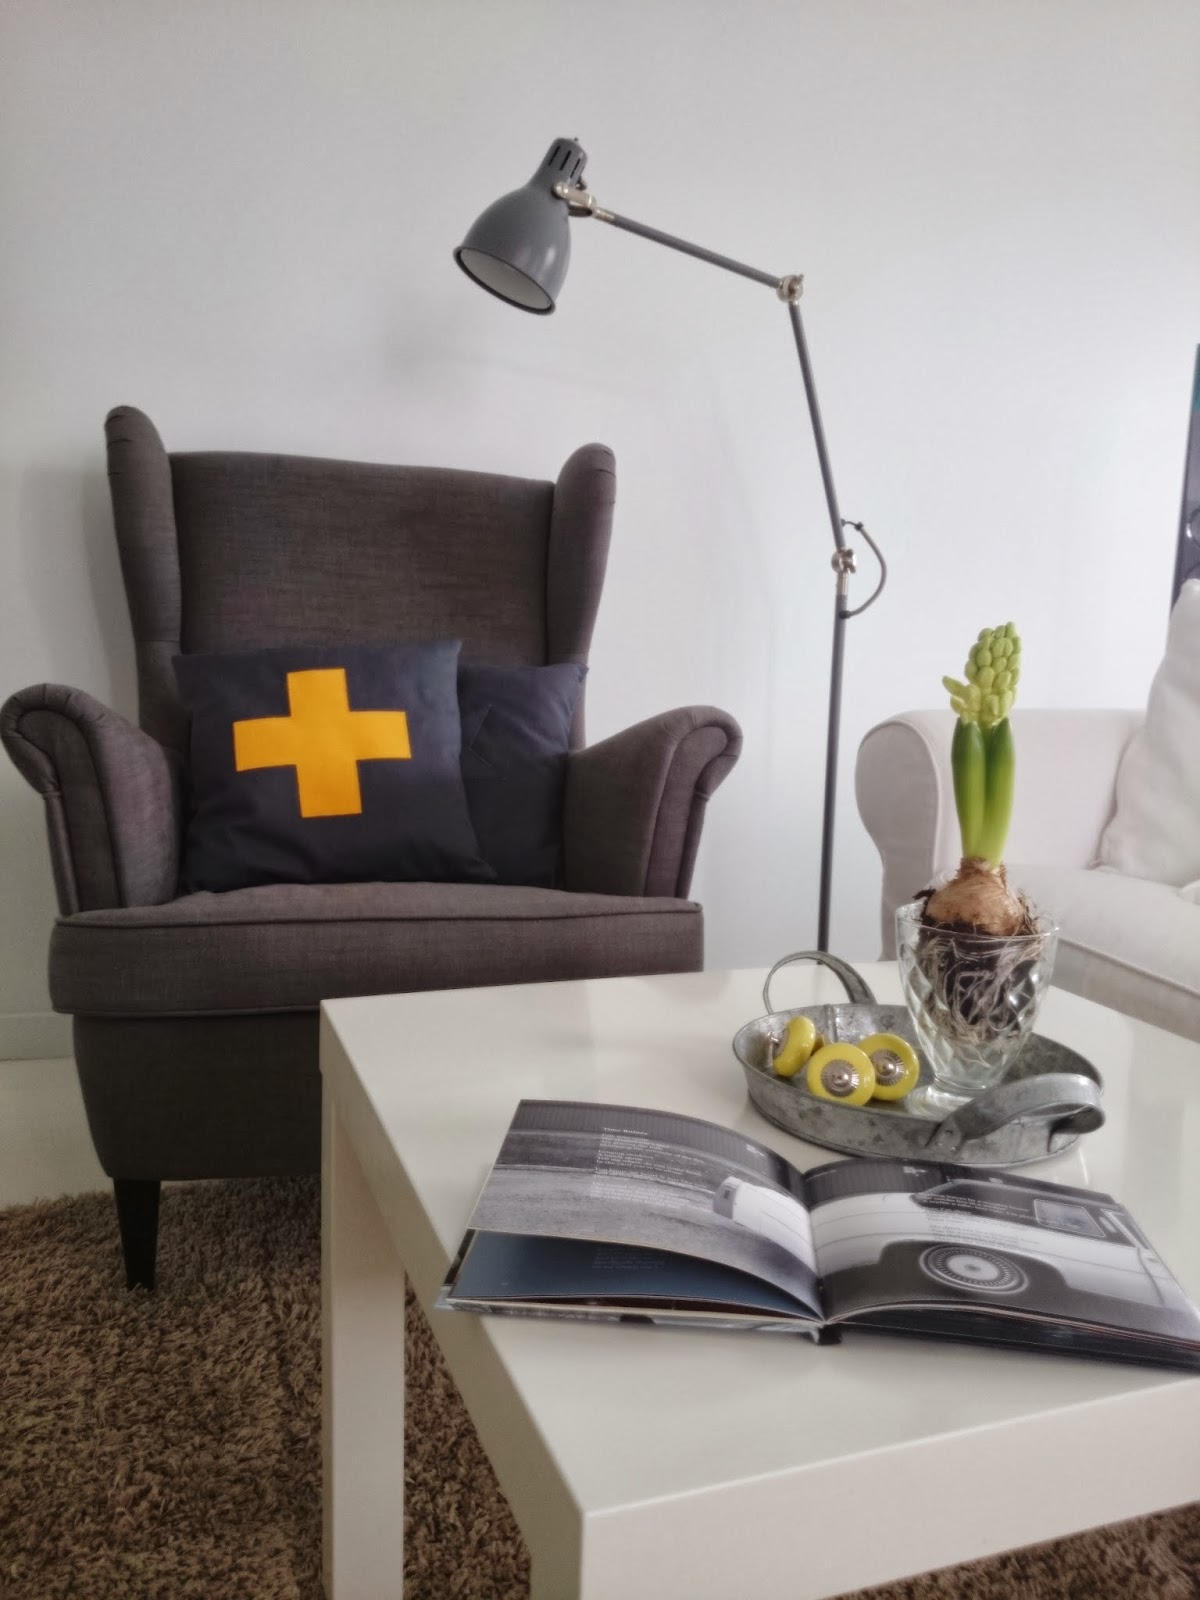 Szary fotel z ikei, szara poduszka z żółtym plusem, szara lampka z ikea, biały stolik, hiacynt na stoliku